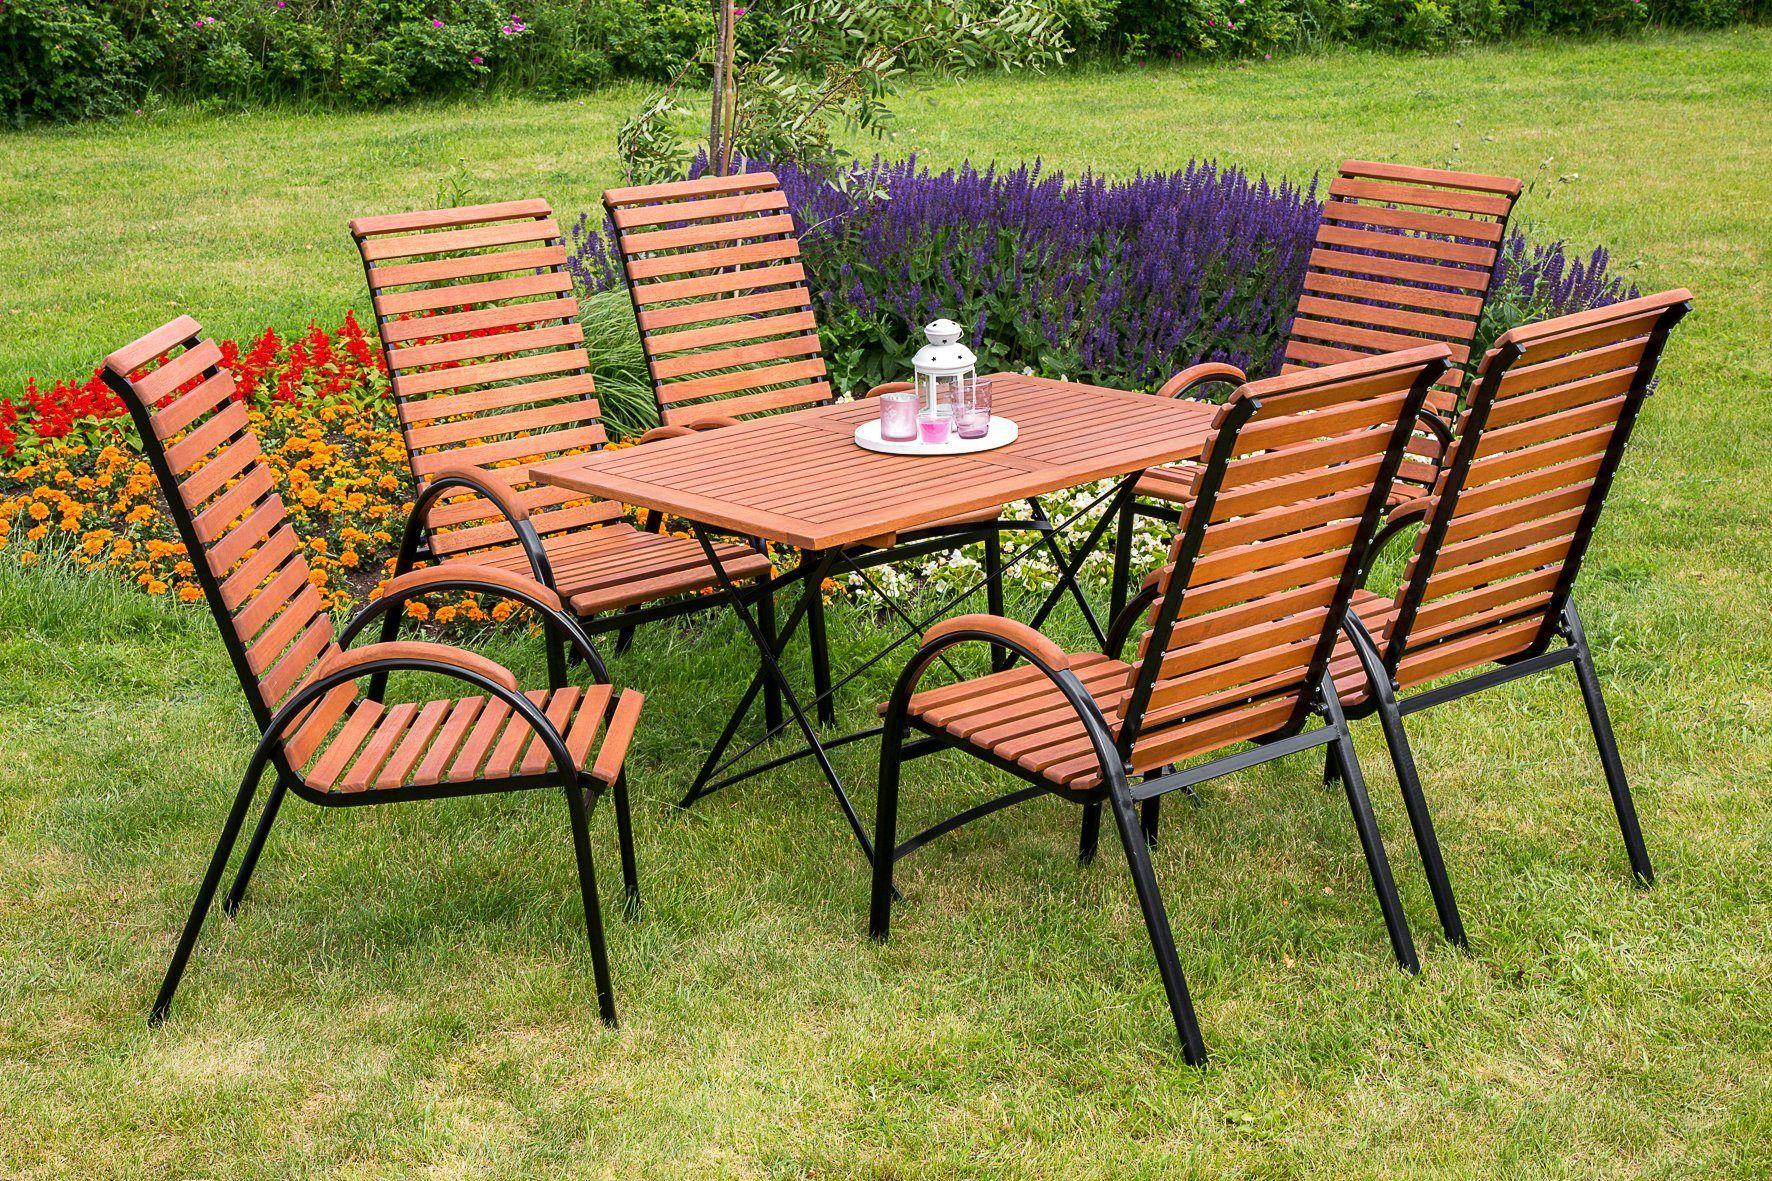 Merxx Gartenmobelset Schlossgarten 7tlg 6 Sessel Tisch Stapelbar Klappbar Eukalyptus Jetzt Bestellen Unter H Gartenmobel Sets Gartenmobel Gartenstuhle